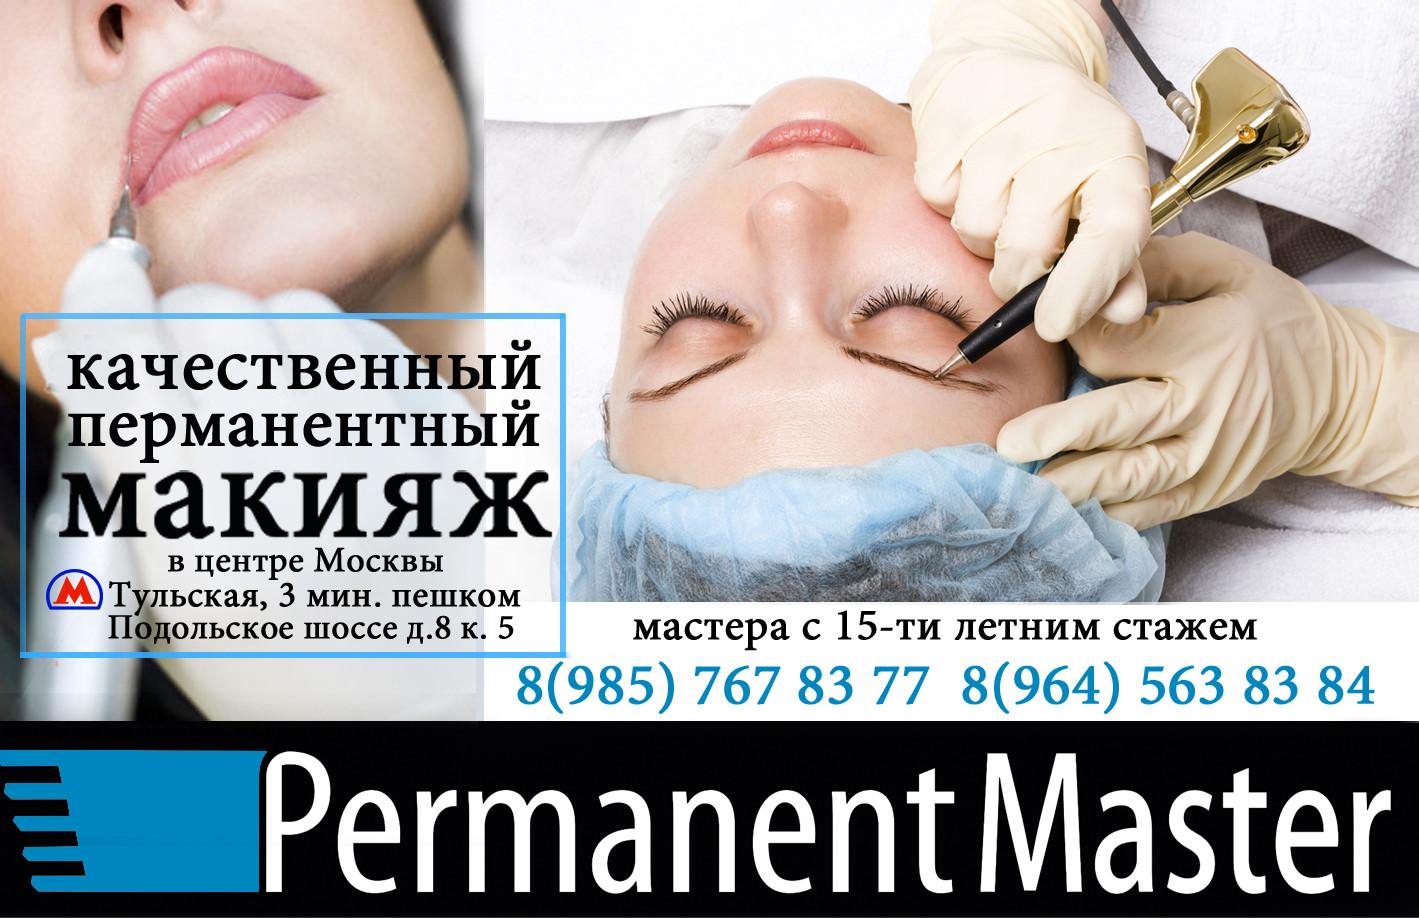 Лучшая анестезия для перманентного макияжа